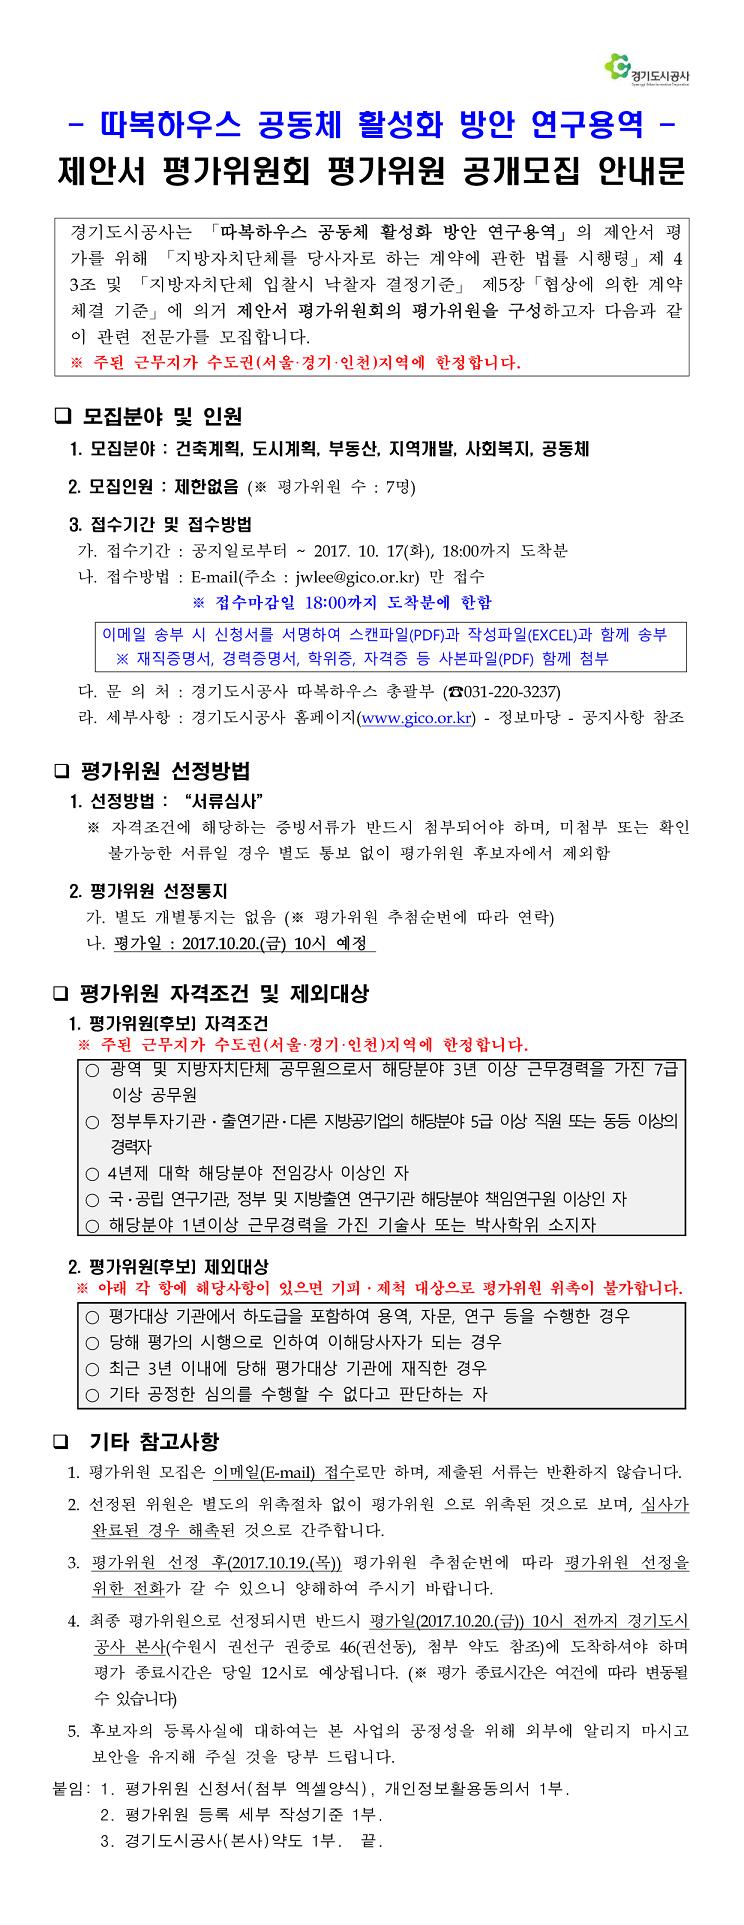 1. 제안서 평가위원 모집 안내문-1.jpg